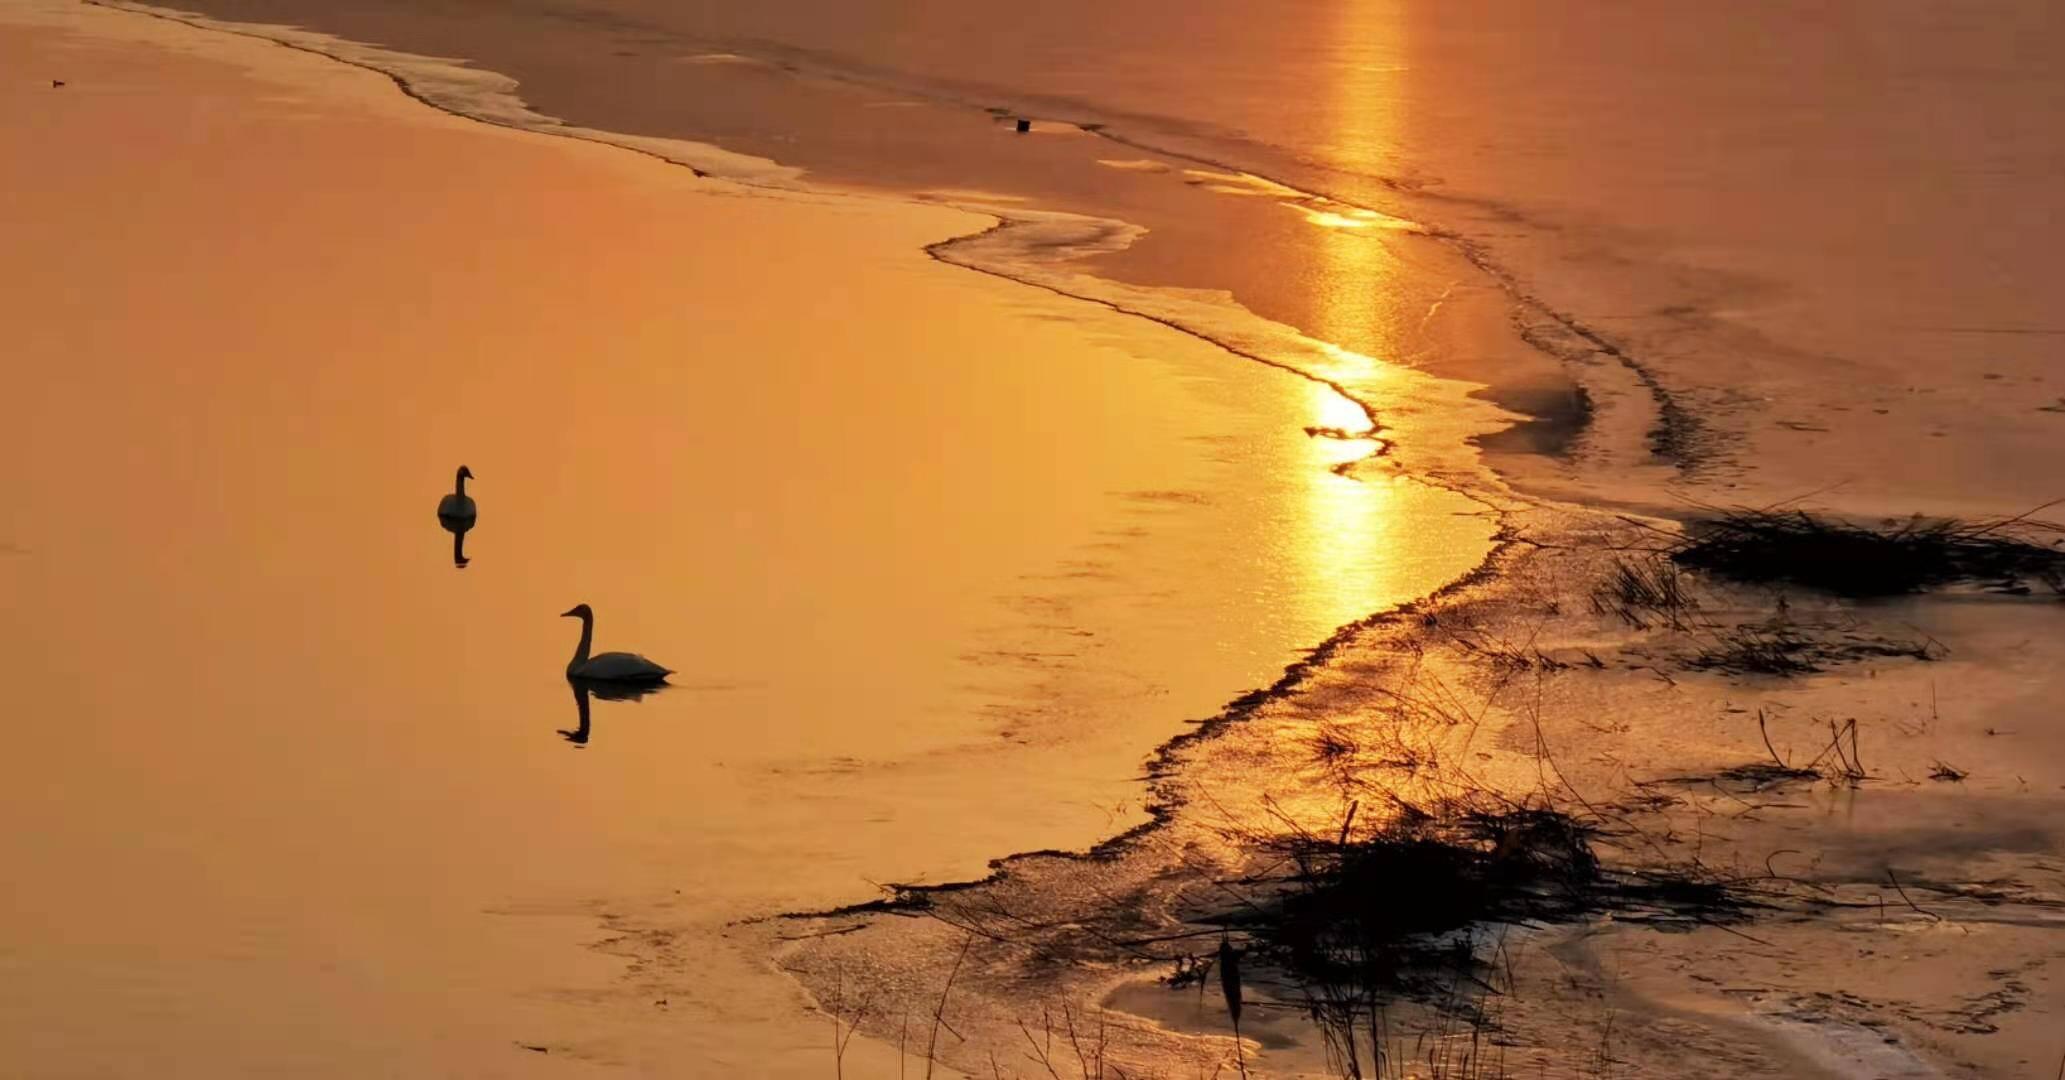 济南黄河沉沙池结冰 大天鹅们再寻乐园